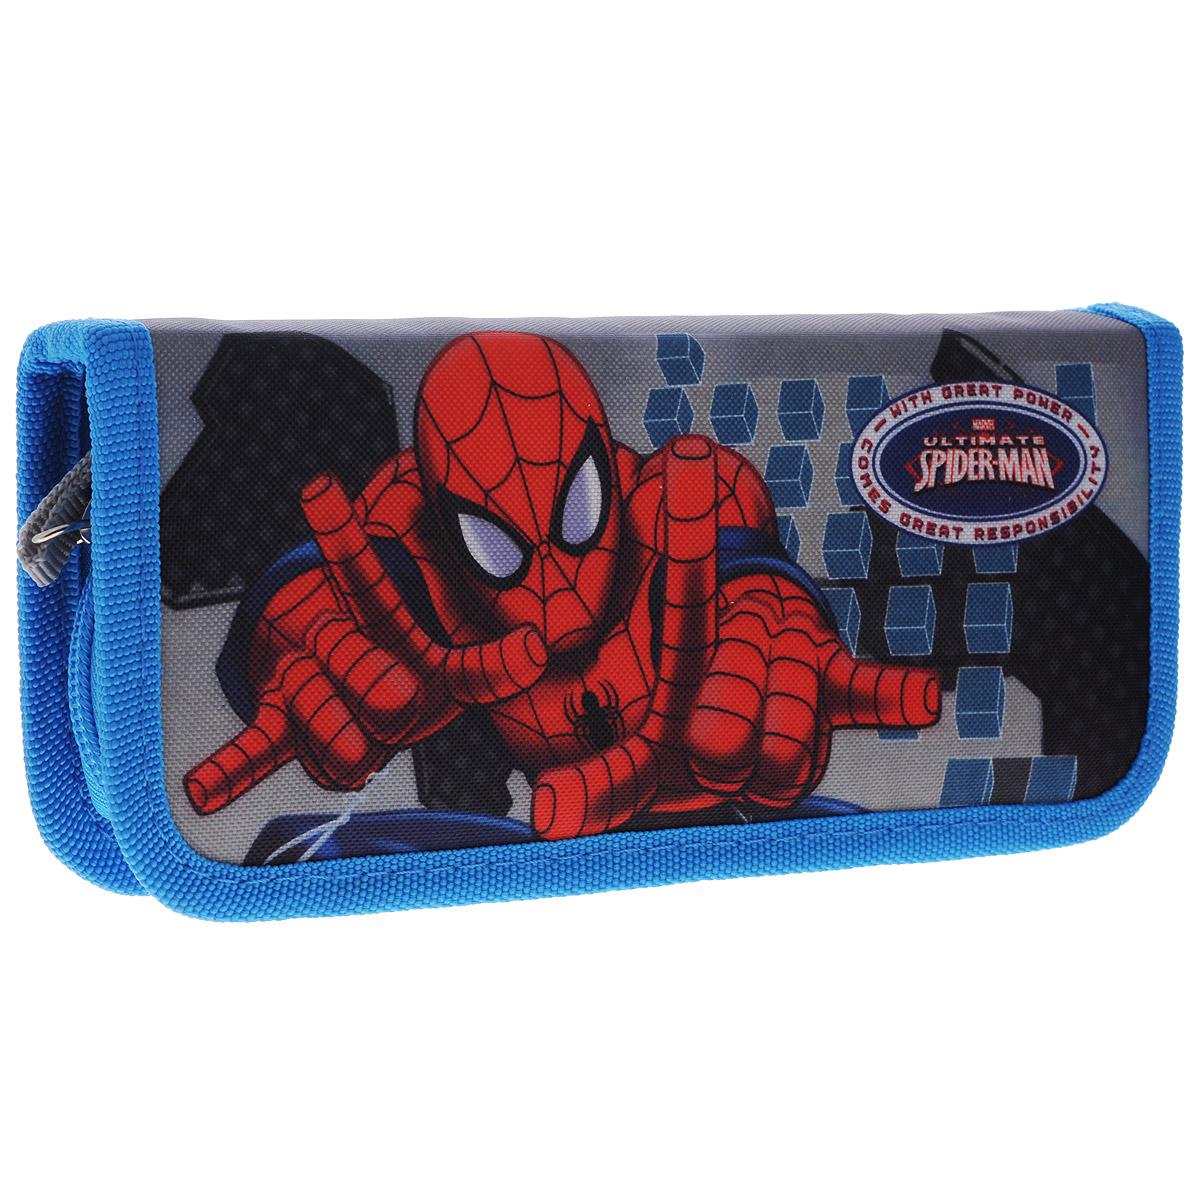 Пенал Marvel Spider-Man, без наполнения, цвет: синий. SMBB-UT2-033SMBB-UT2-033Пенал Marvel Spider-Man, без наполнения - удобный жесткий органайзер для школьных иписьменных принадлежностей. Такой пенал станет не только практичным, но и стильным школьным аксессуаром для любого ребенка.Он состоит из одного отделения с 11 фиксаторами, в котором без труда поместятся все необходимые канцелярские принадлежности. Пенал закрывается на застежку-молнию и оформлен изображением Человека-паука, который так нравится мальчикам!Такой пенал станет незаменимым помощником для школьника, с ним ручки и карандаши всегда будут под рукой и больше не потеряются, а изображение любимого героя обязательно поднимет настроение!